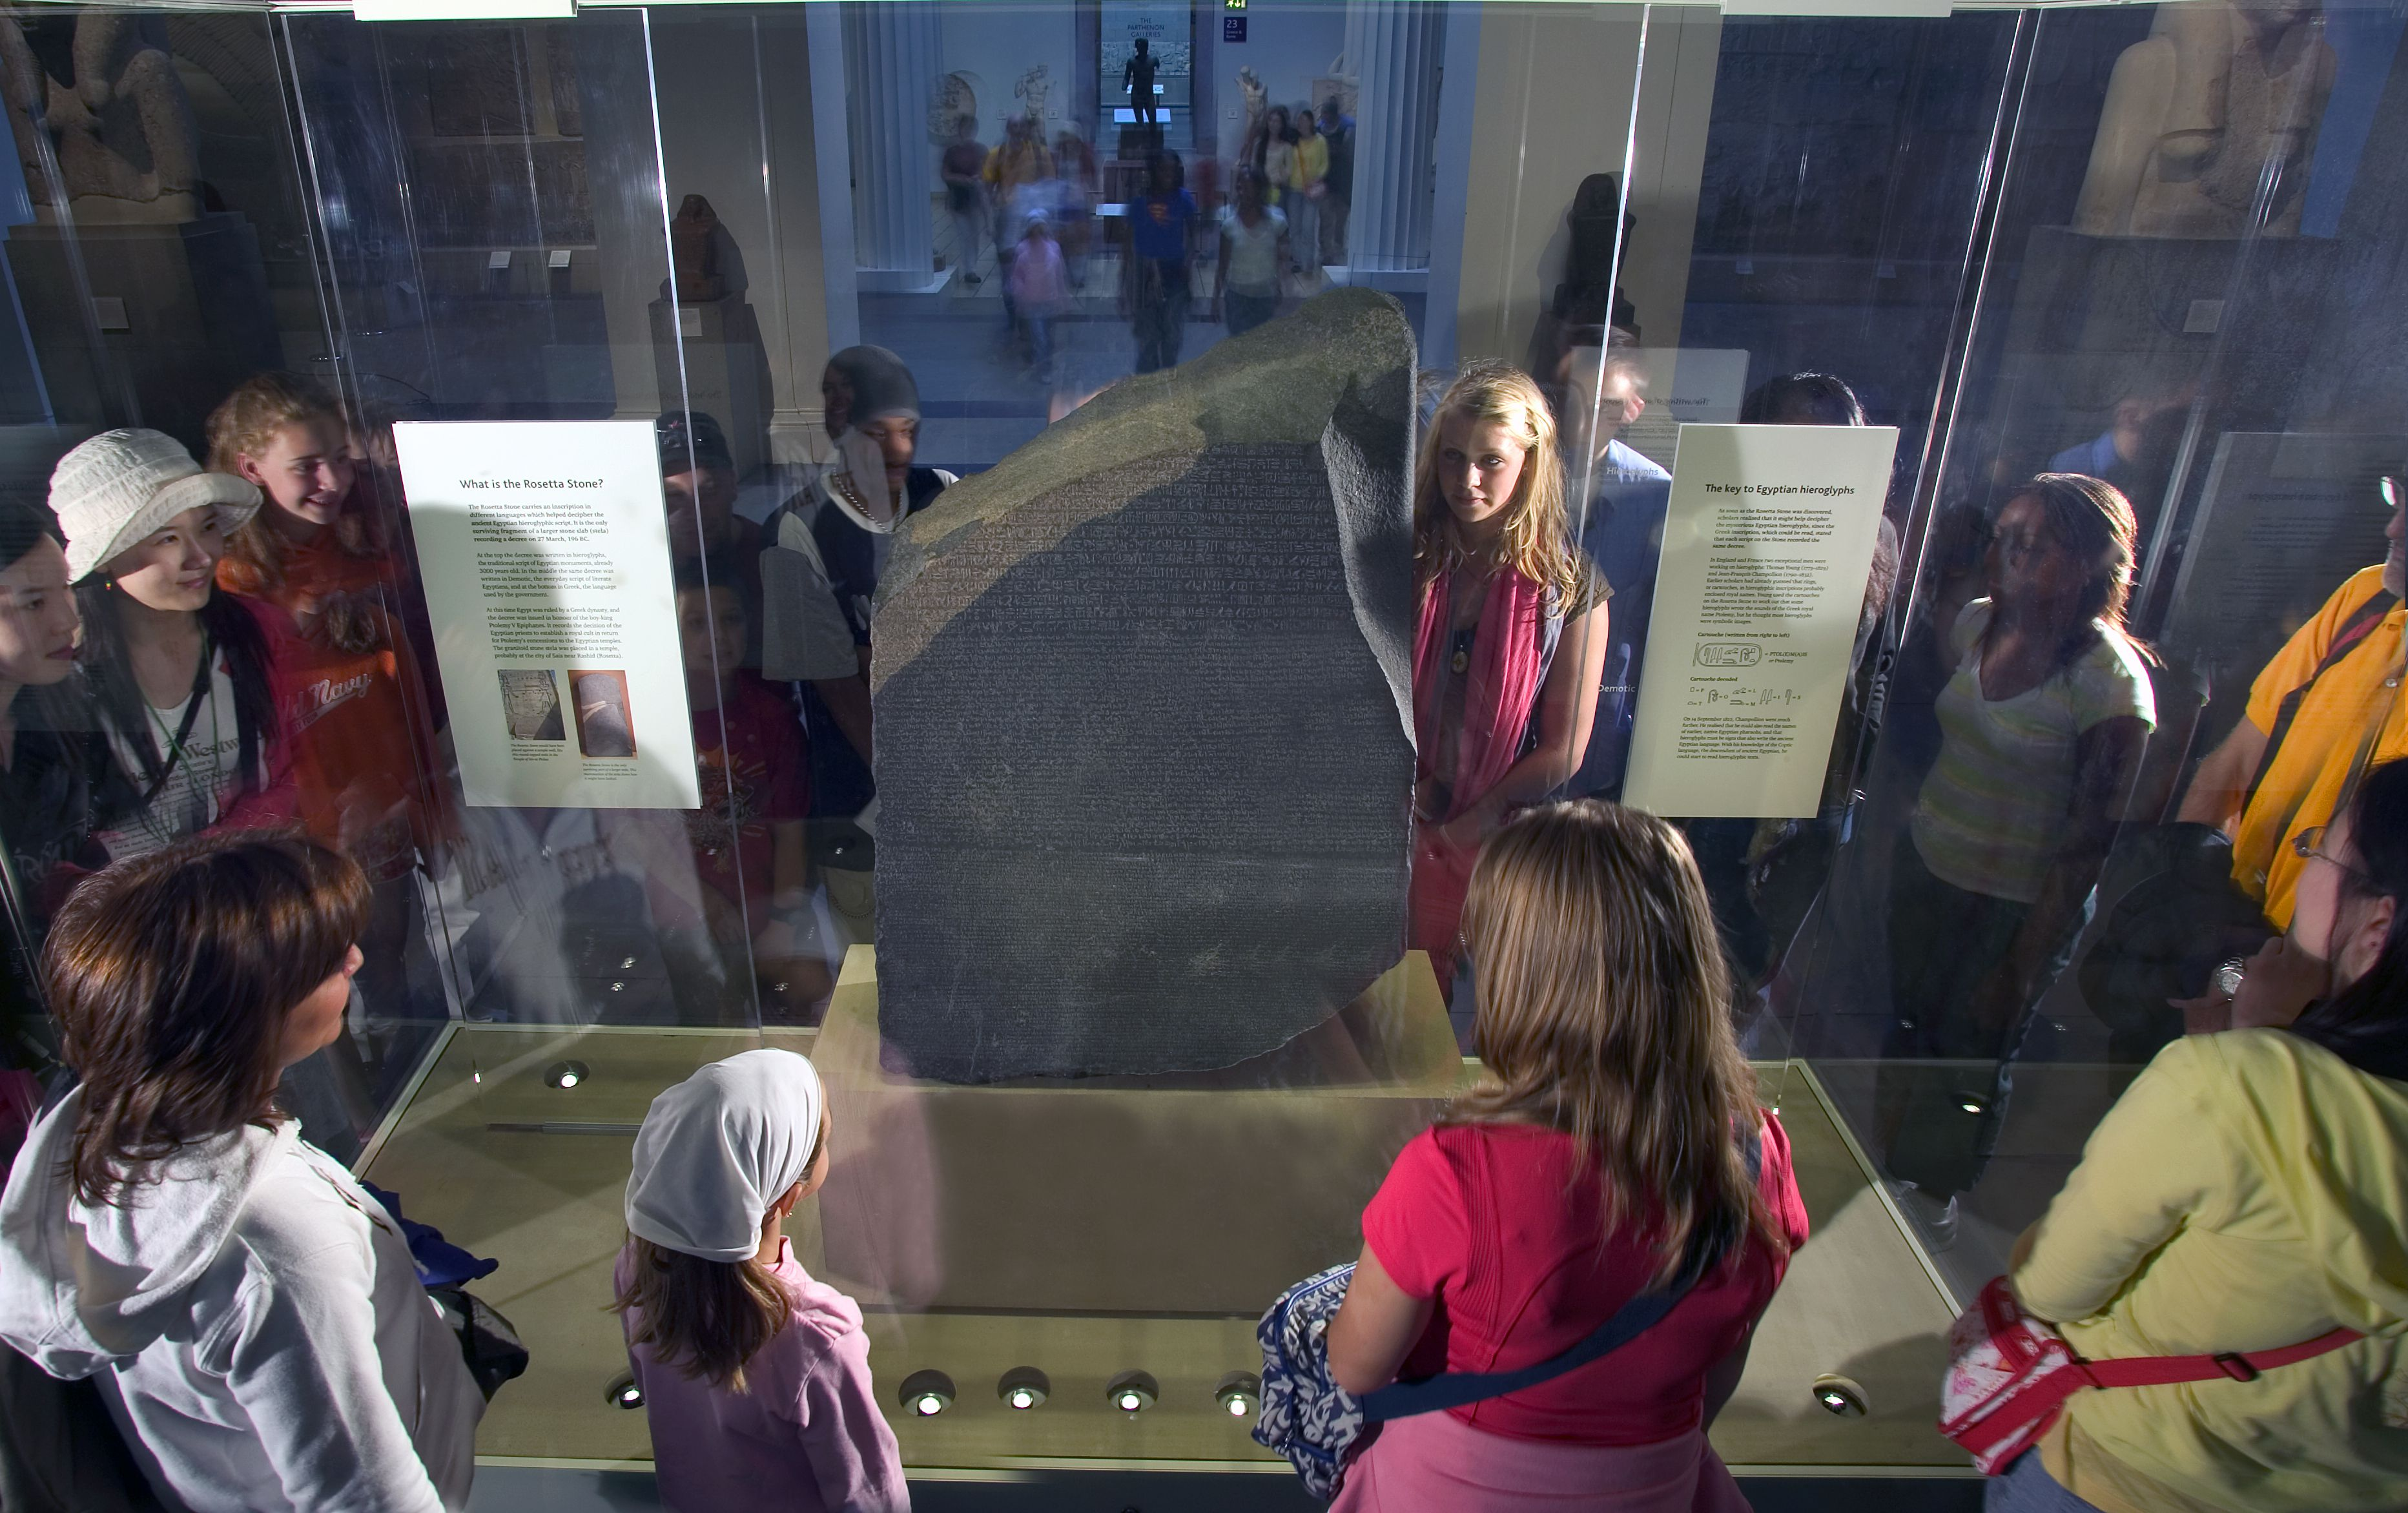 Visitantes al Museo Británico mirando la Piedra de Rosetta, una clave valiosa para descifrar los jeroglíficos y nuestra comprensión de la cultura del Antiguo Egipto, Museo Británico, Londres, Londres, Inglaterra